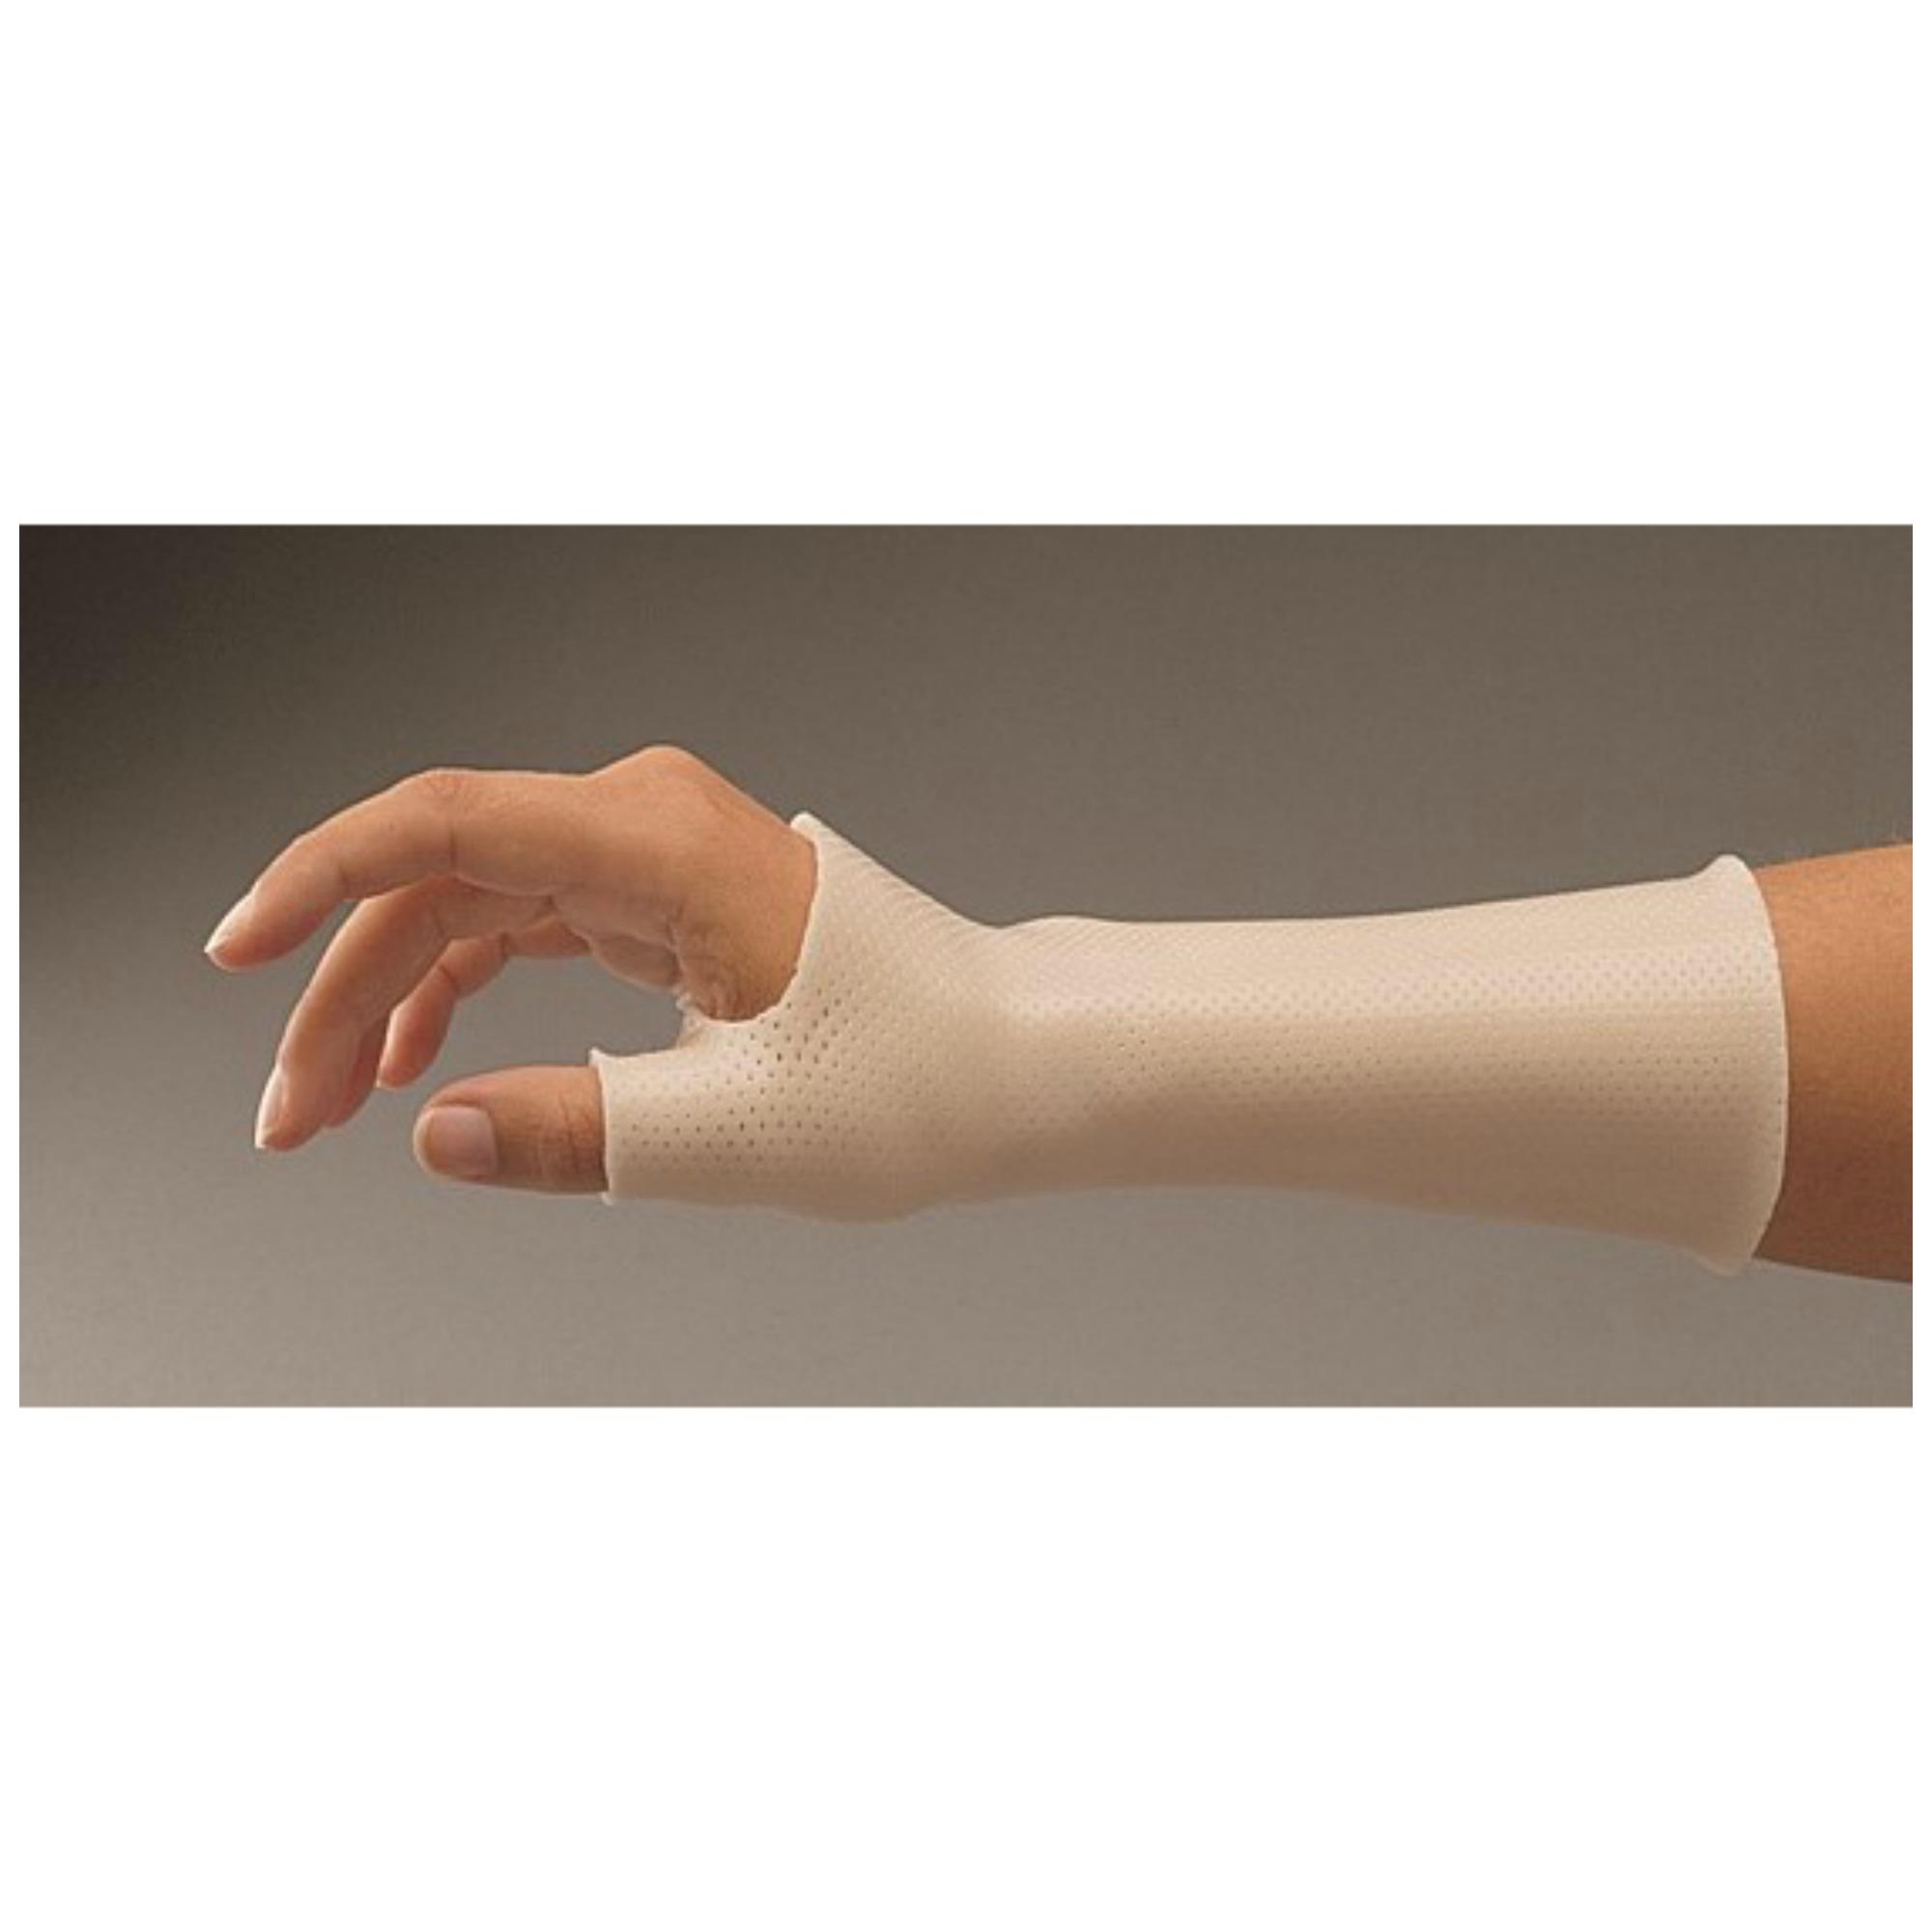 vállfájdalom artritisz ízületek, mint a váll fájdalom kezelése